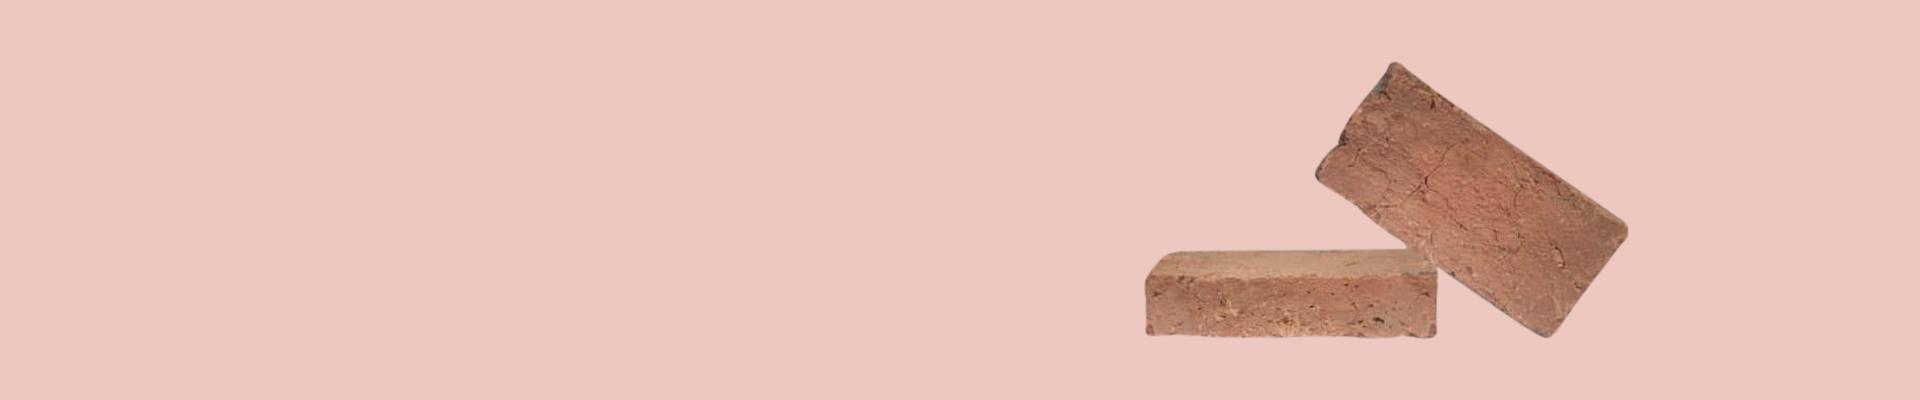 Jual Batu Bata Material Bangunan Terbaik & Terlengkap - Harga Murah